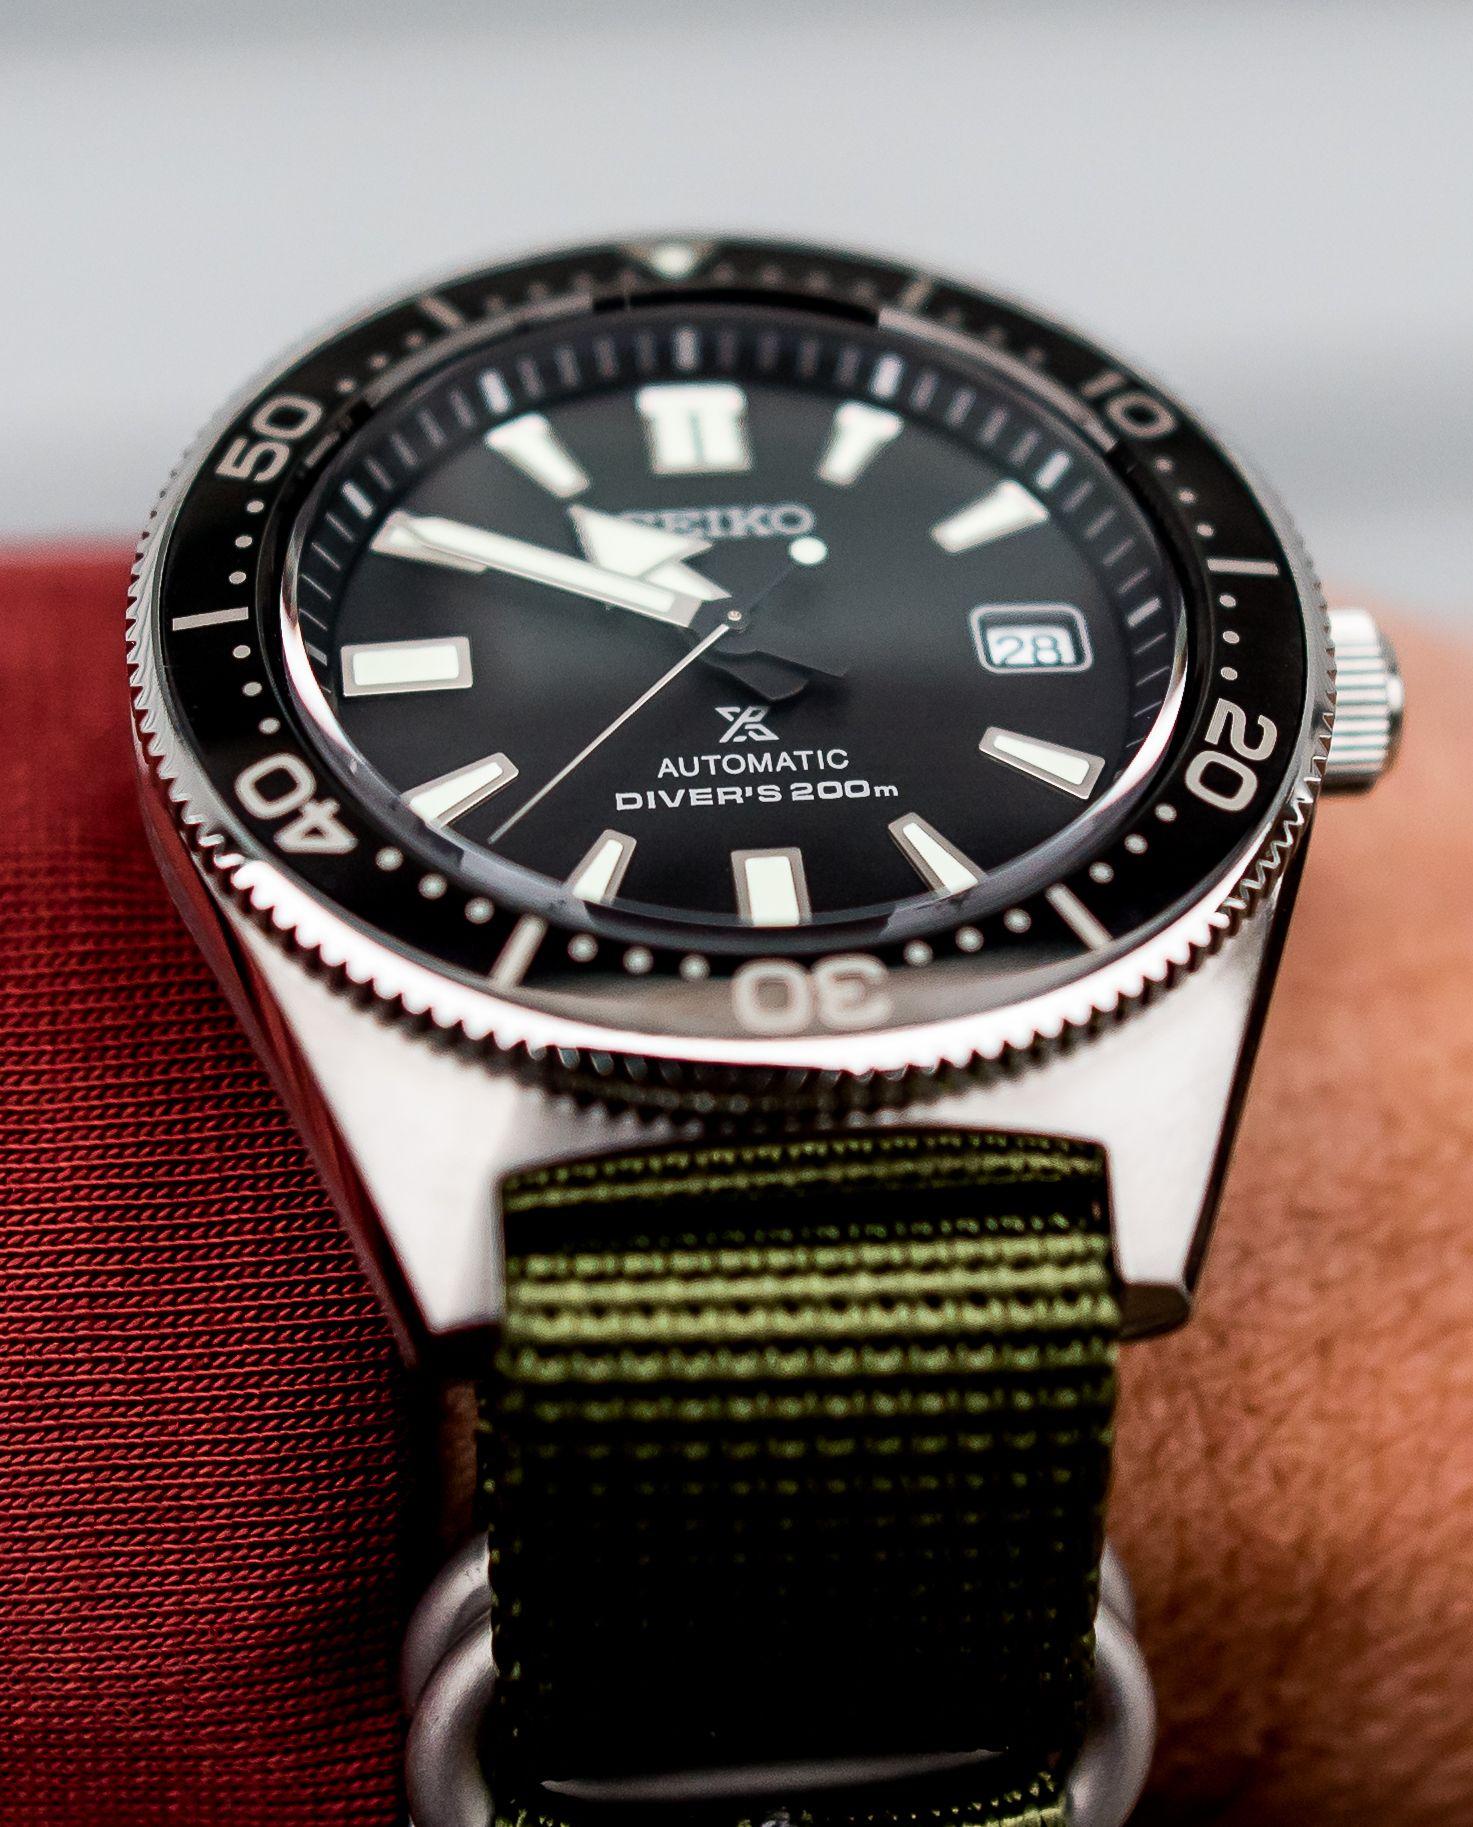 SEIKO SBDC051 SRPB051 62MAS | My Seiko watches in 2019 | Seiko